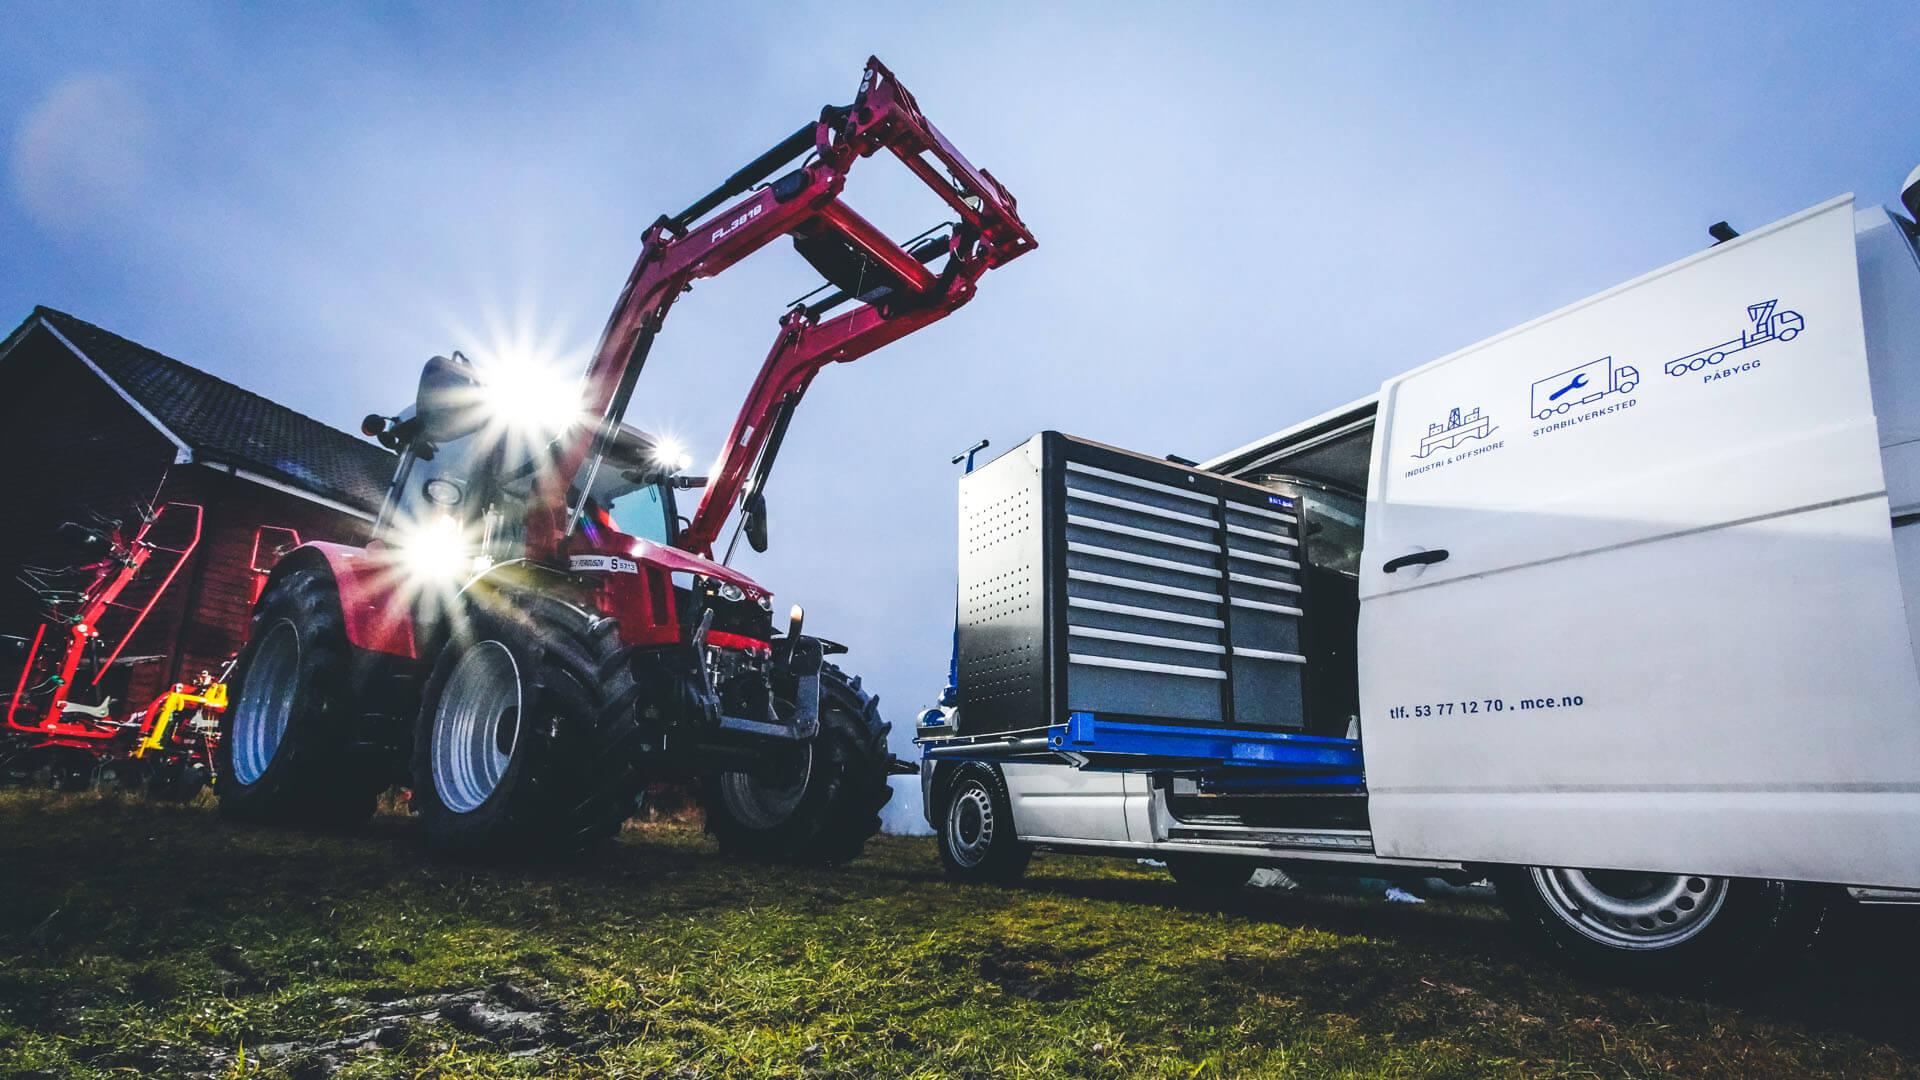 Bilde av traktor og servicebil